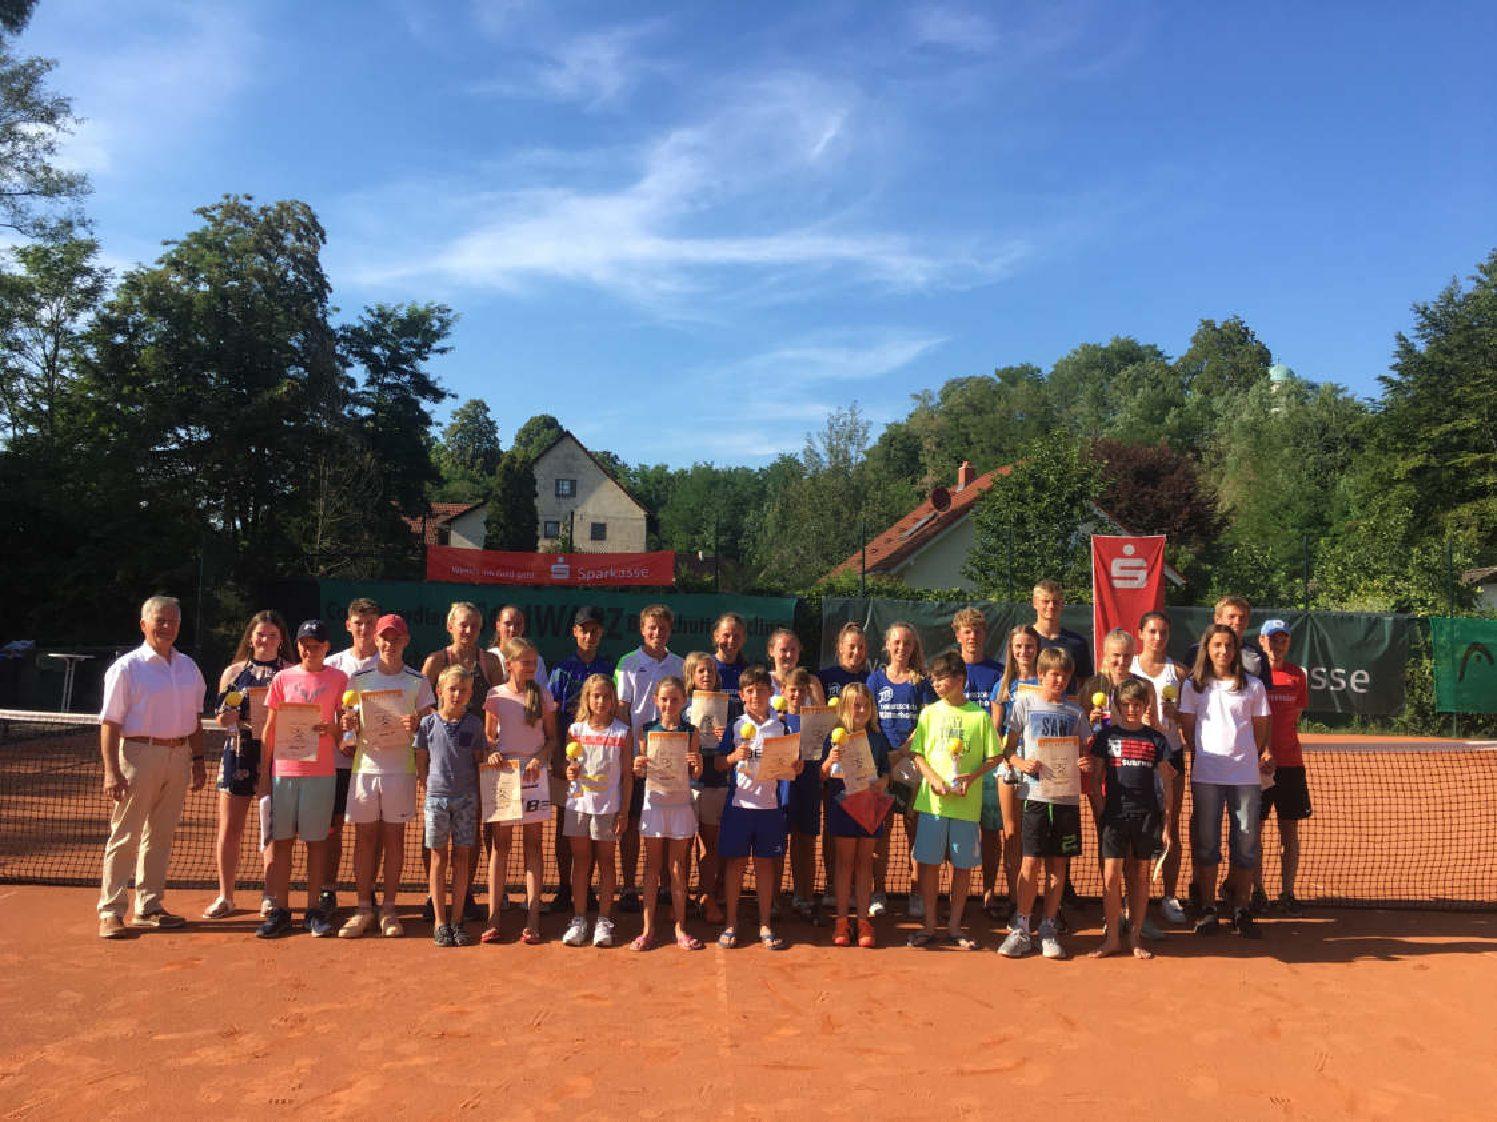 Sehr guter Tennissport beim 9. Renchener Sparkassen-Jugend-Cup